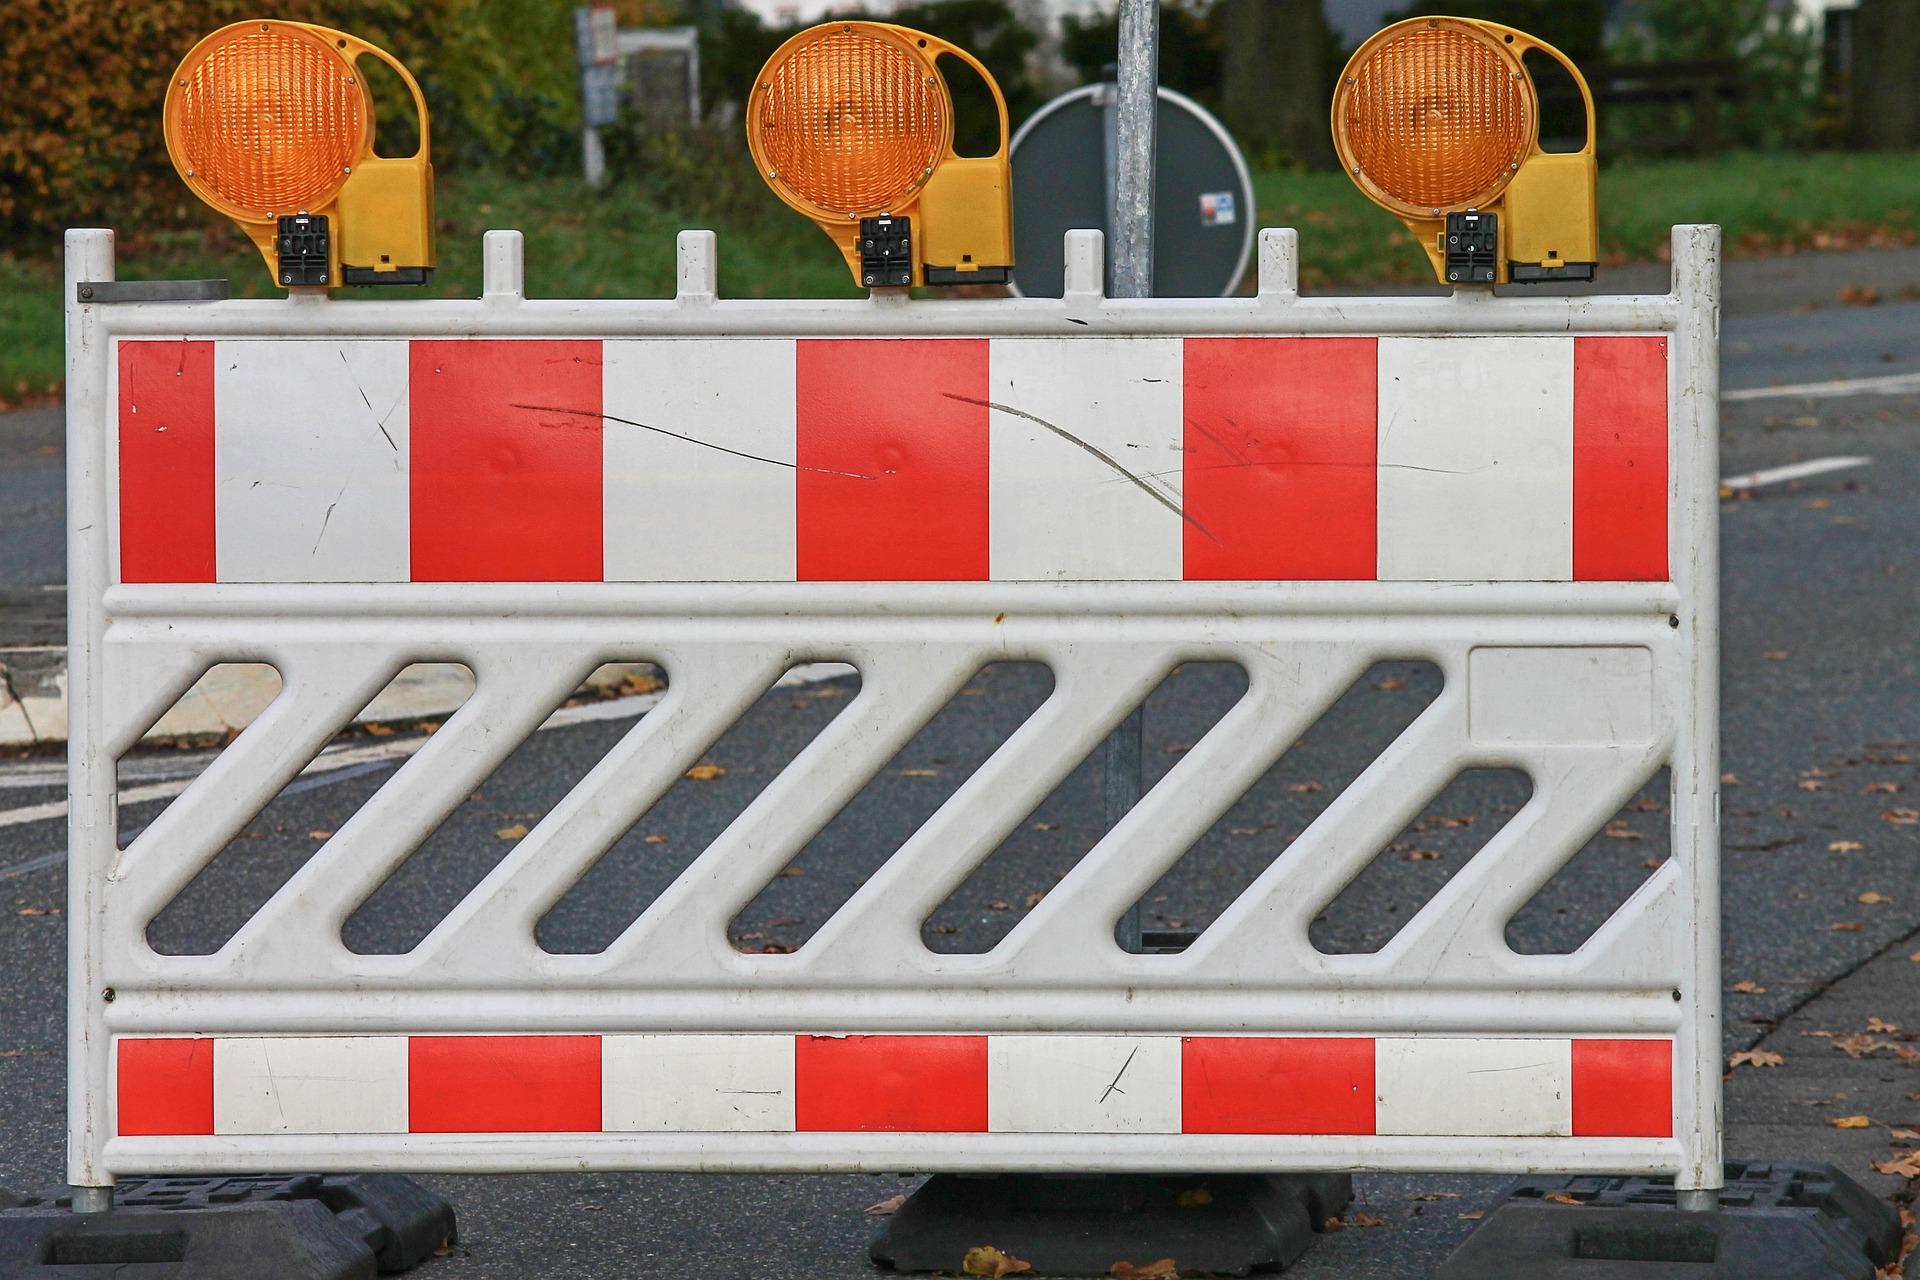 Komunikat dot. zamknięcia jednej jezdni ulicy Chwaszczyńskiej i zmian w obrębie węzła Gdynia Wielki Kack